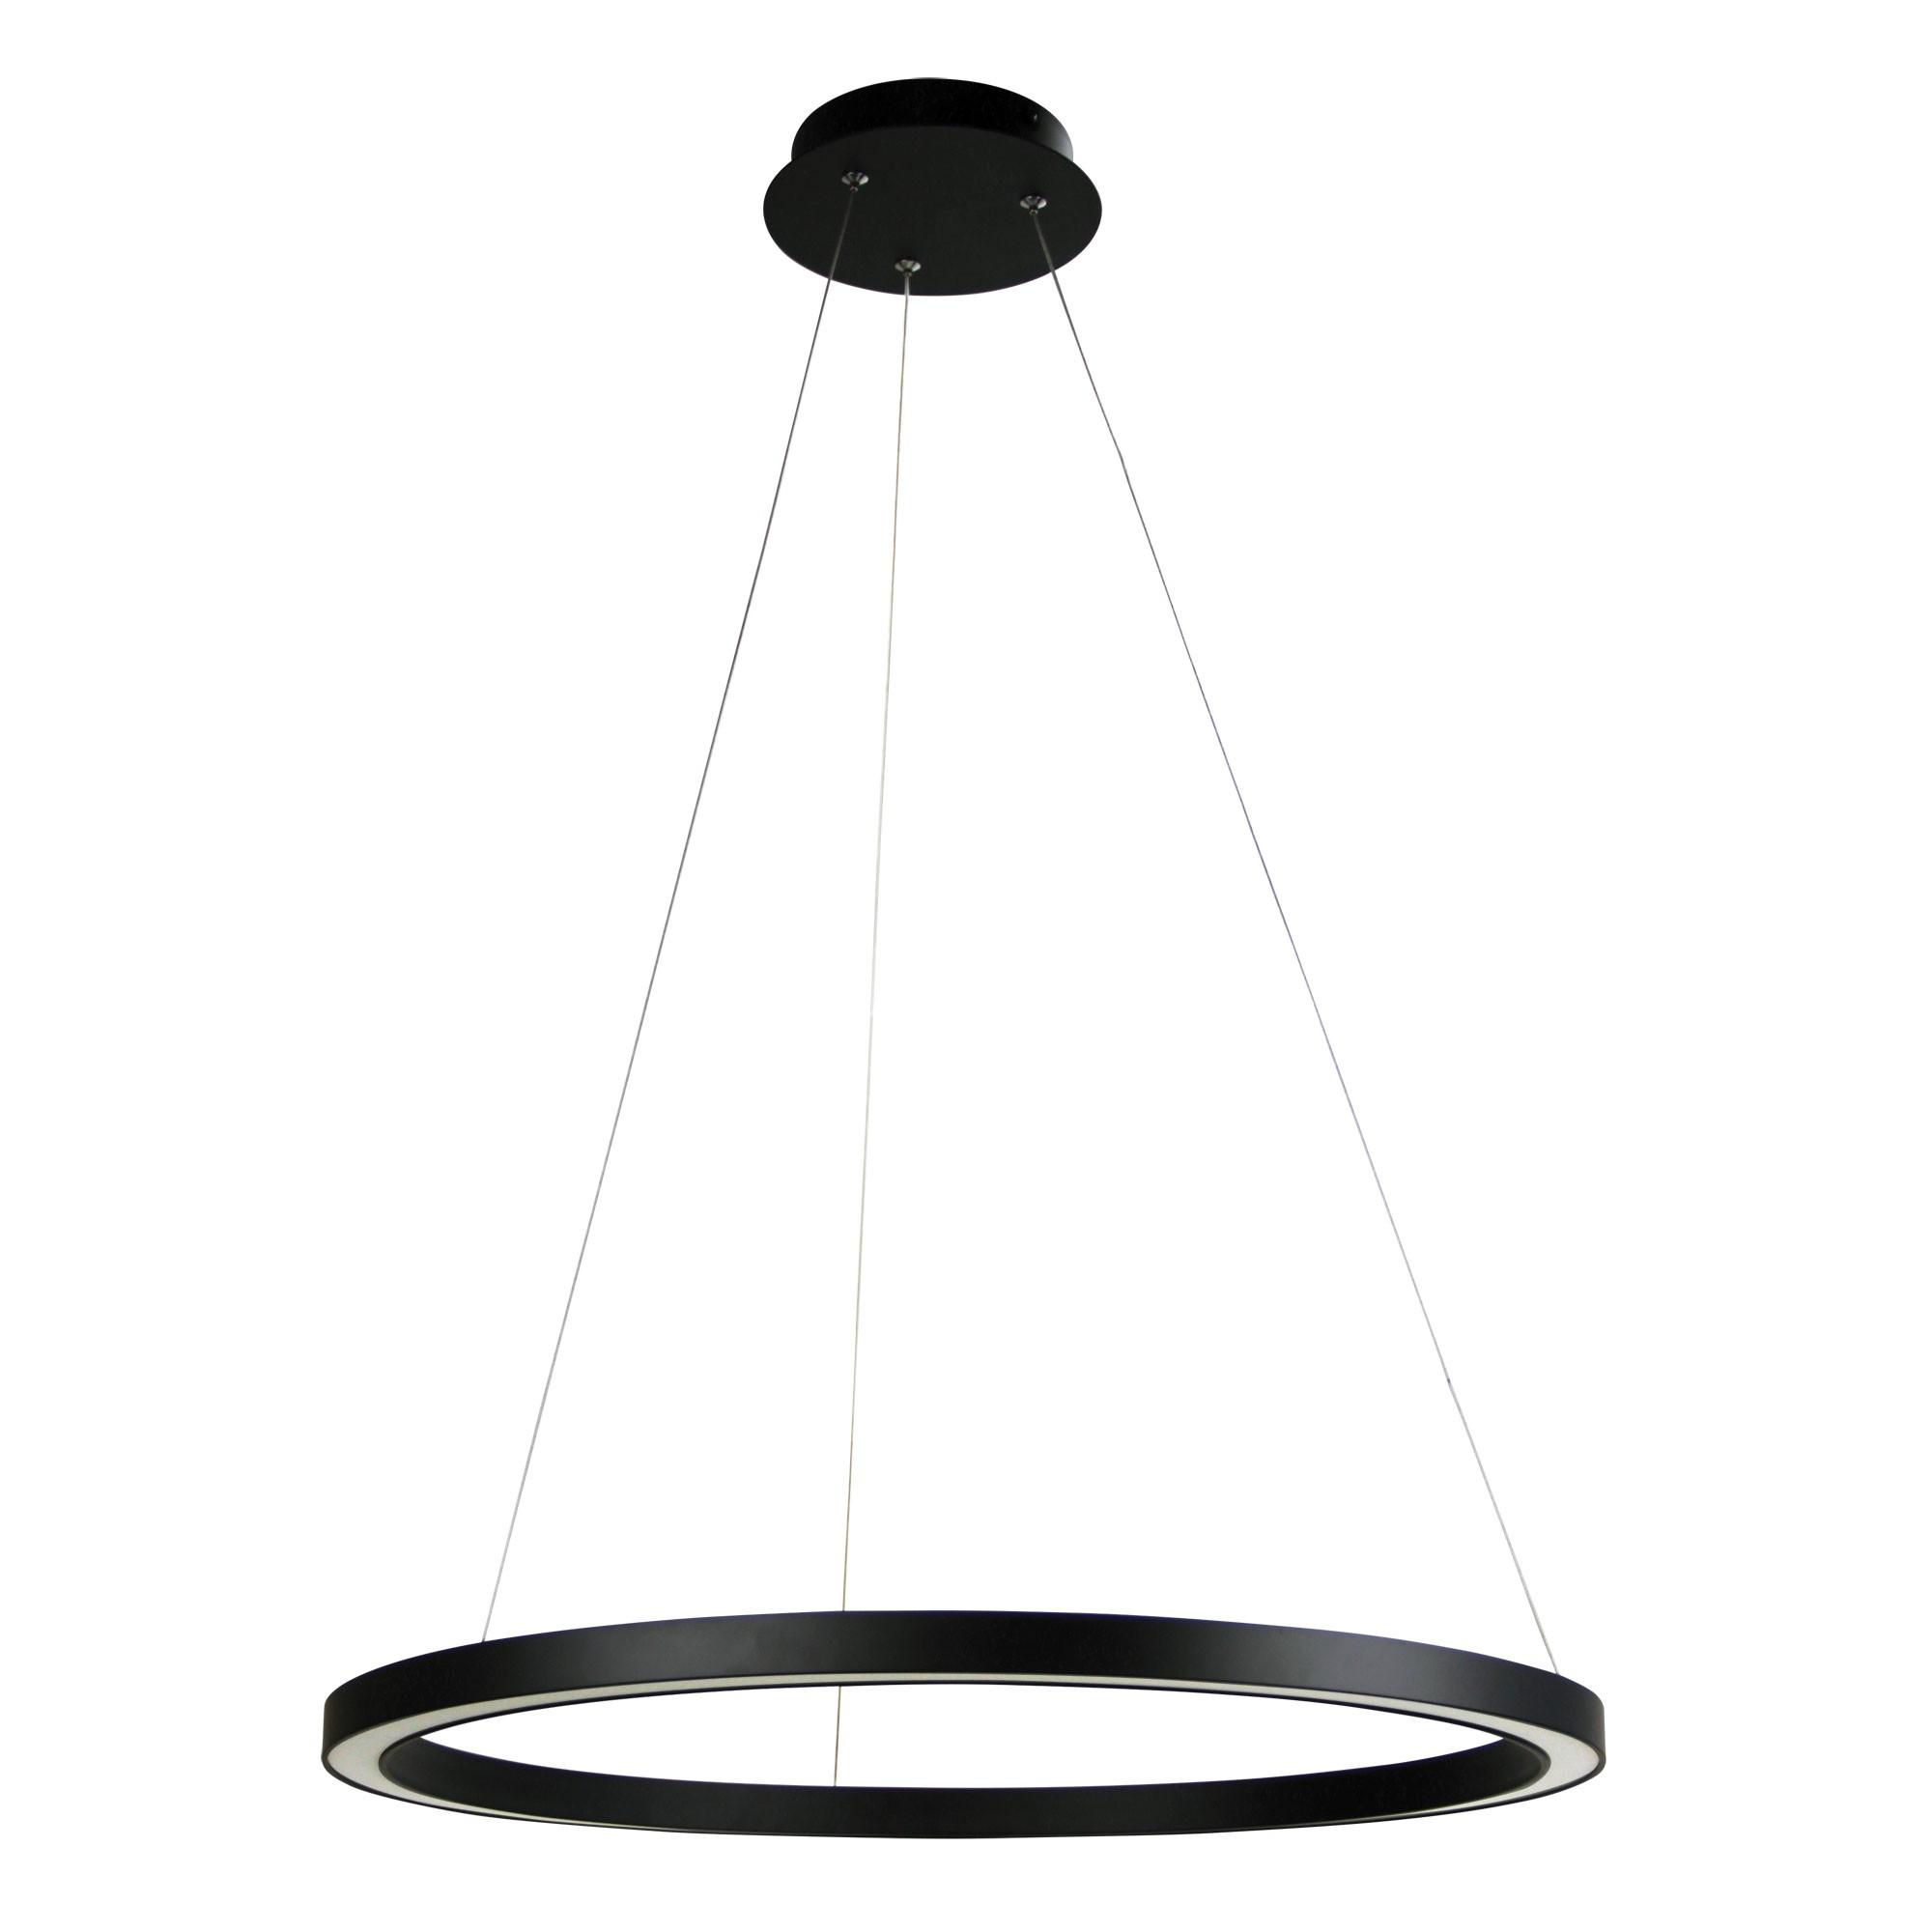 Nimbus LED Halo Ring Pendant Light, 60cm, Black